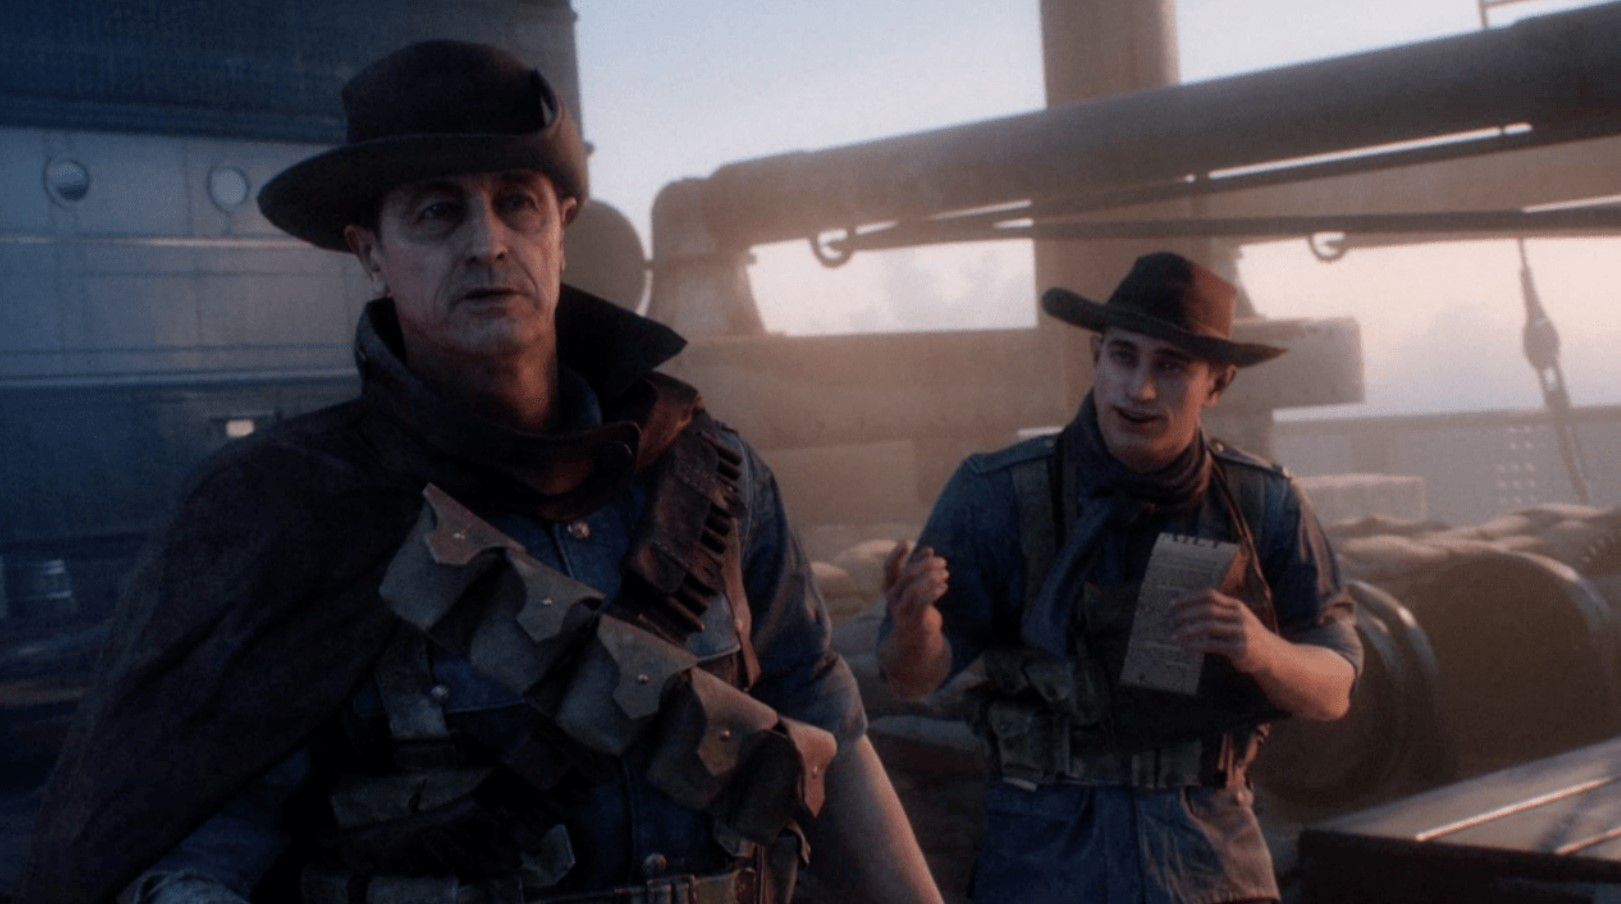 hinh Battlefield 1 Origin Key 3